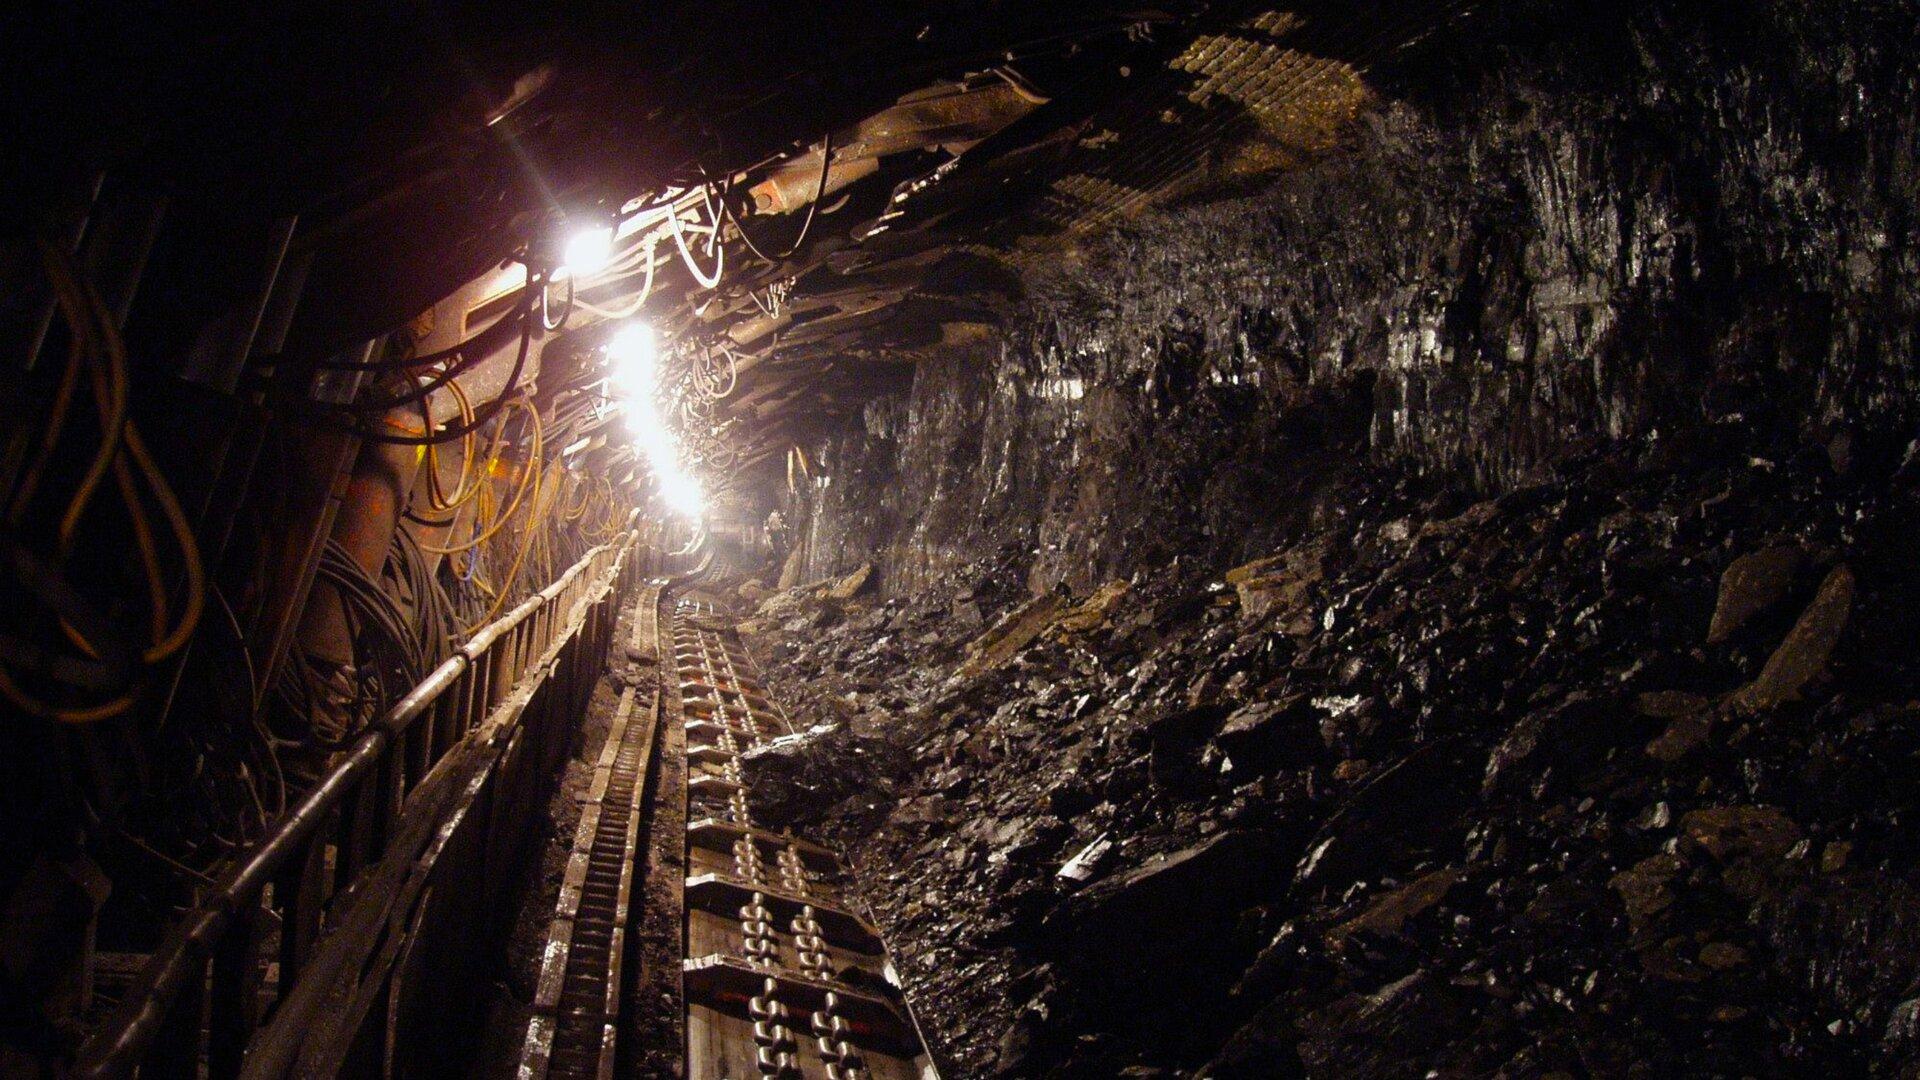 Ilustracja przedstawia zejście do kopalni. Po lewej znajdują się żółte liny zabezpieczające. Na środku zdjęcia widać trasę kolejki podziemnej oraz padające ztyłu światło.